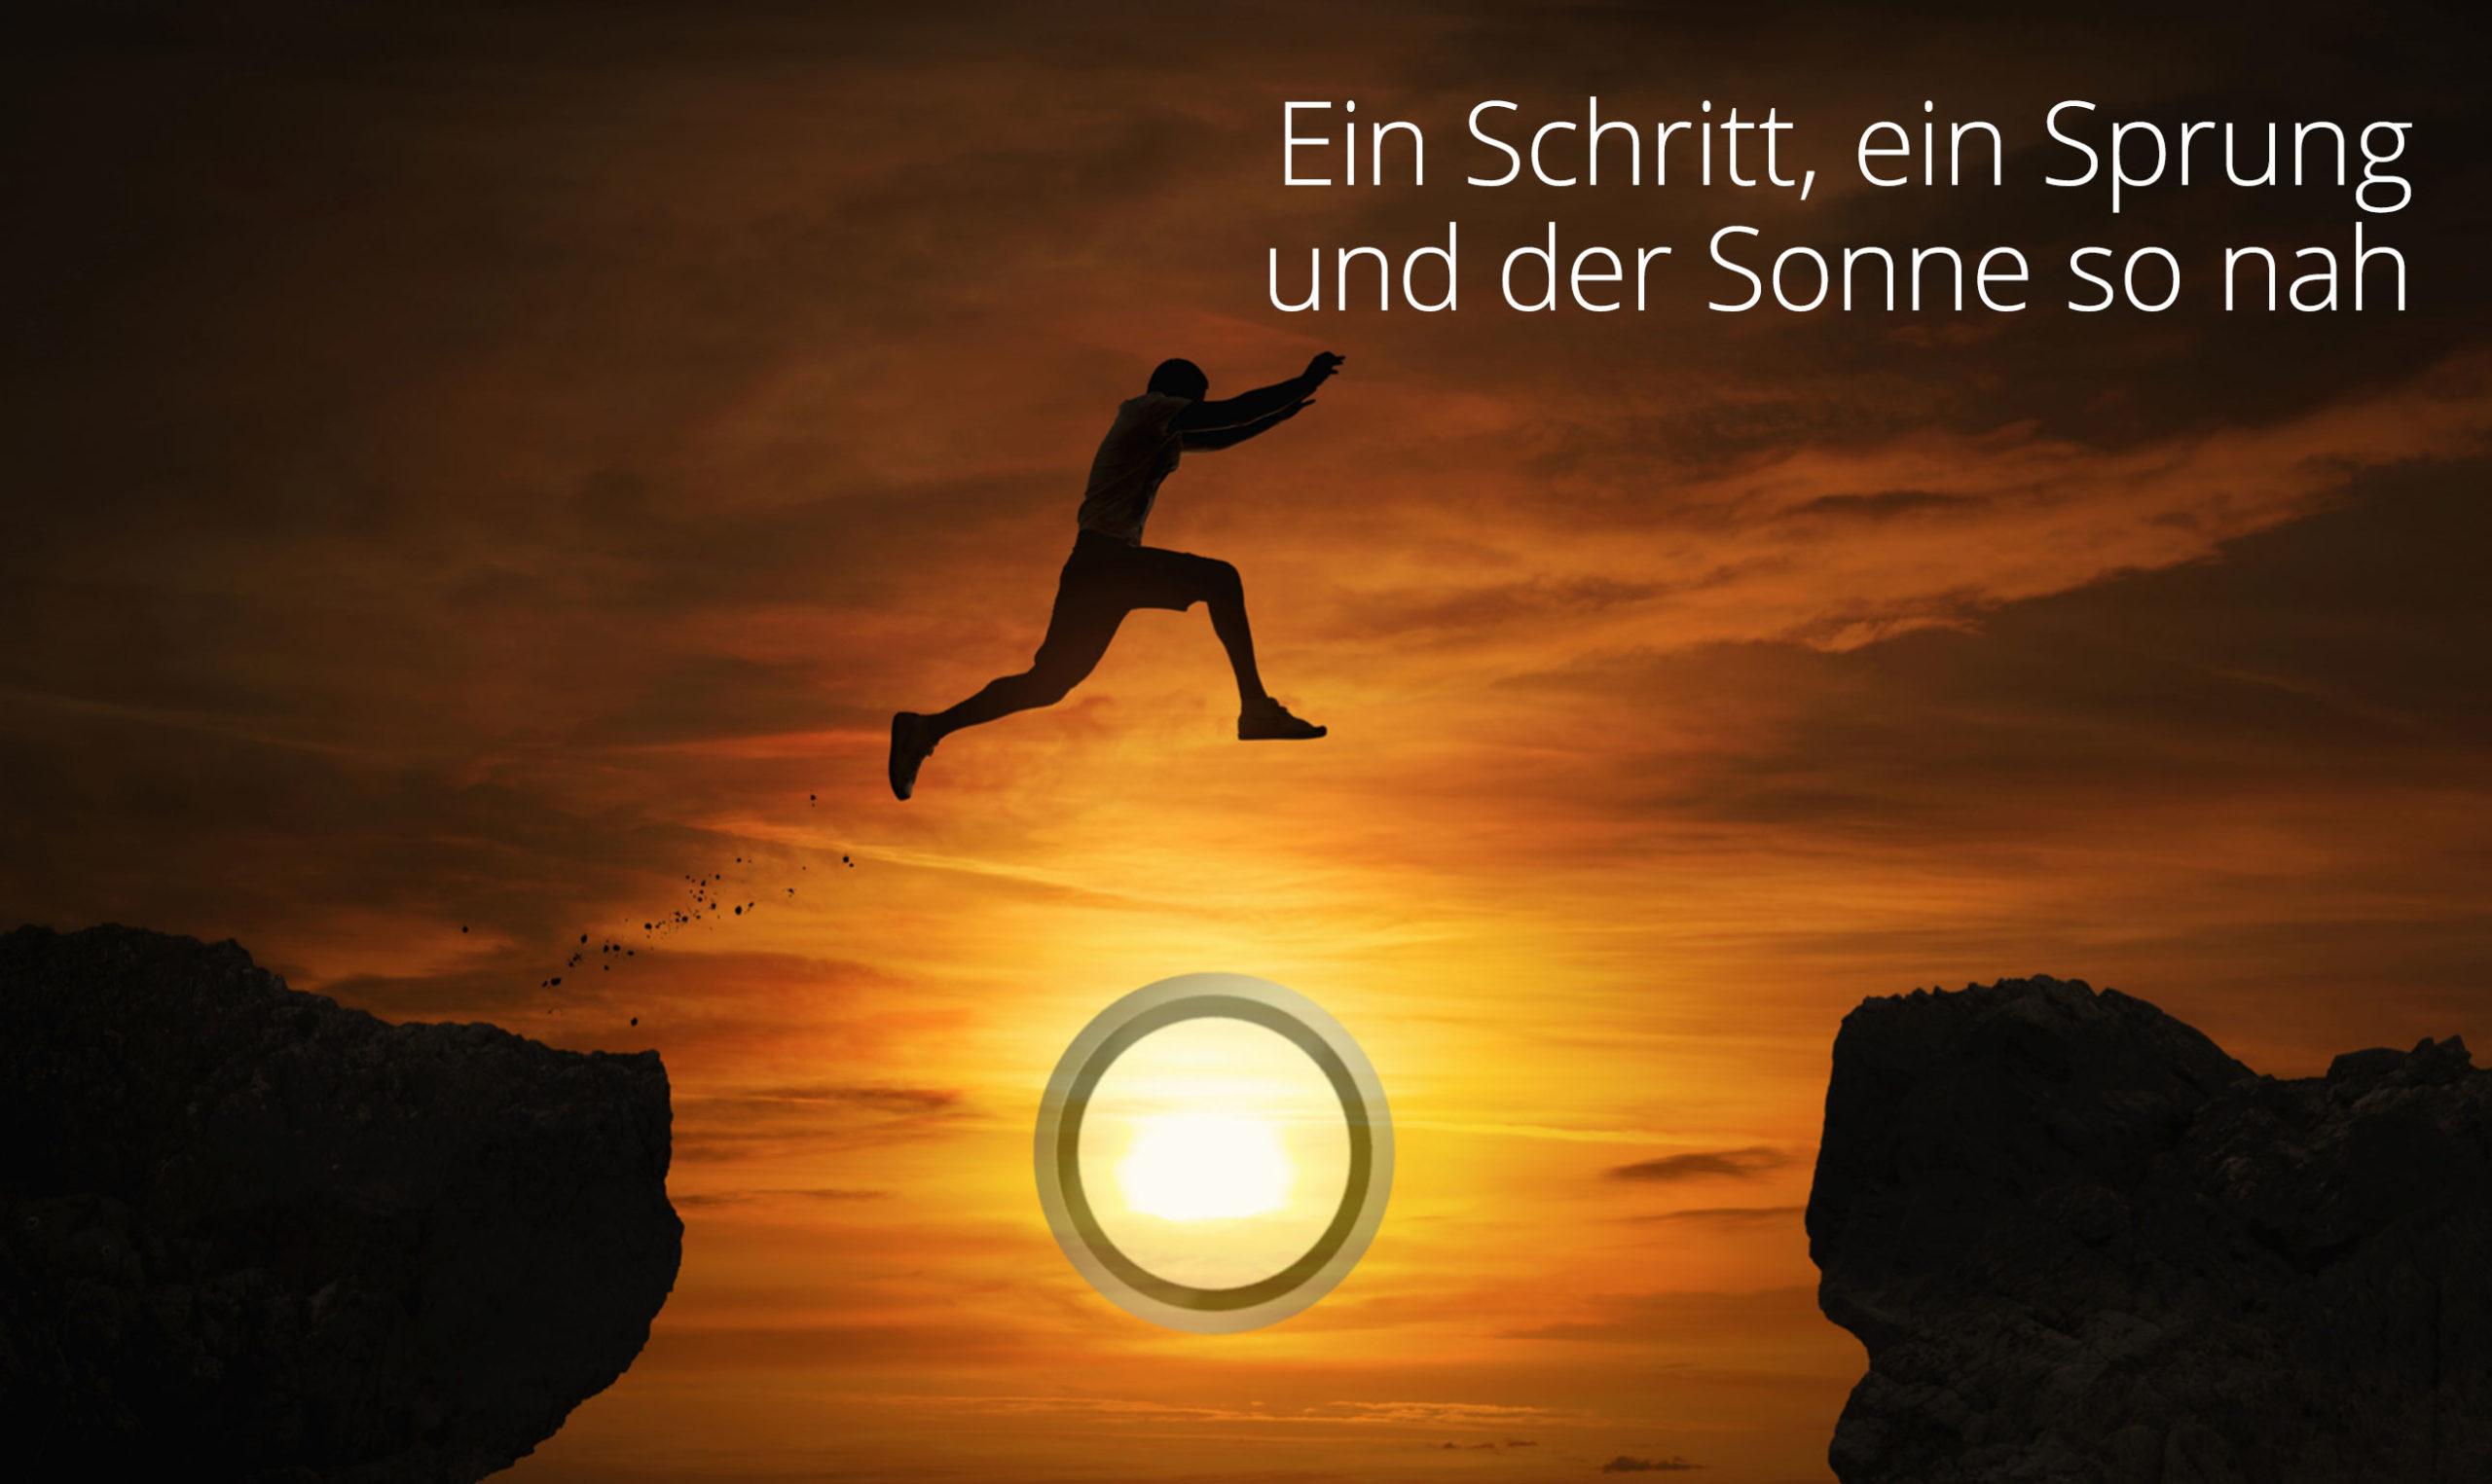 ONYXX Circular - Runde Pendelleuchte - Der Sonne so nah